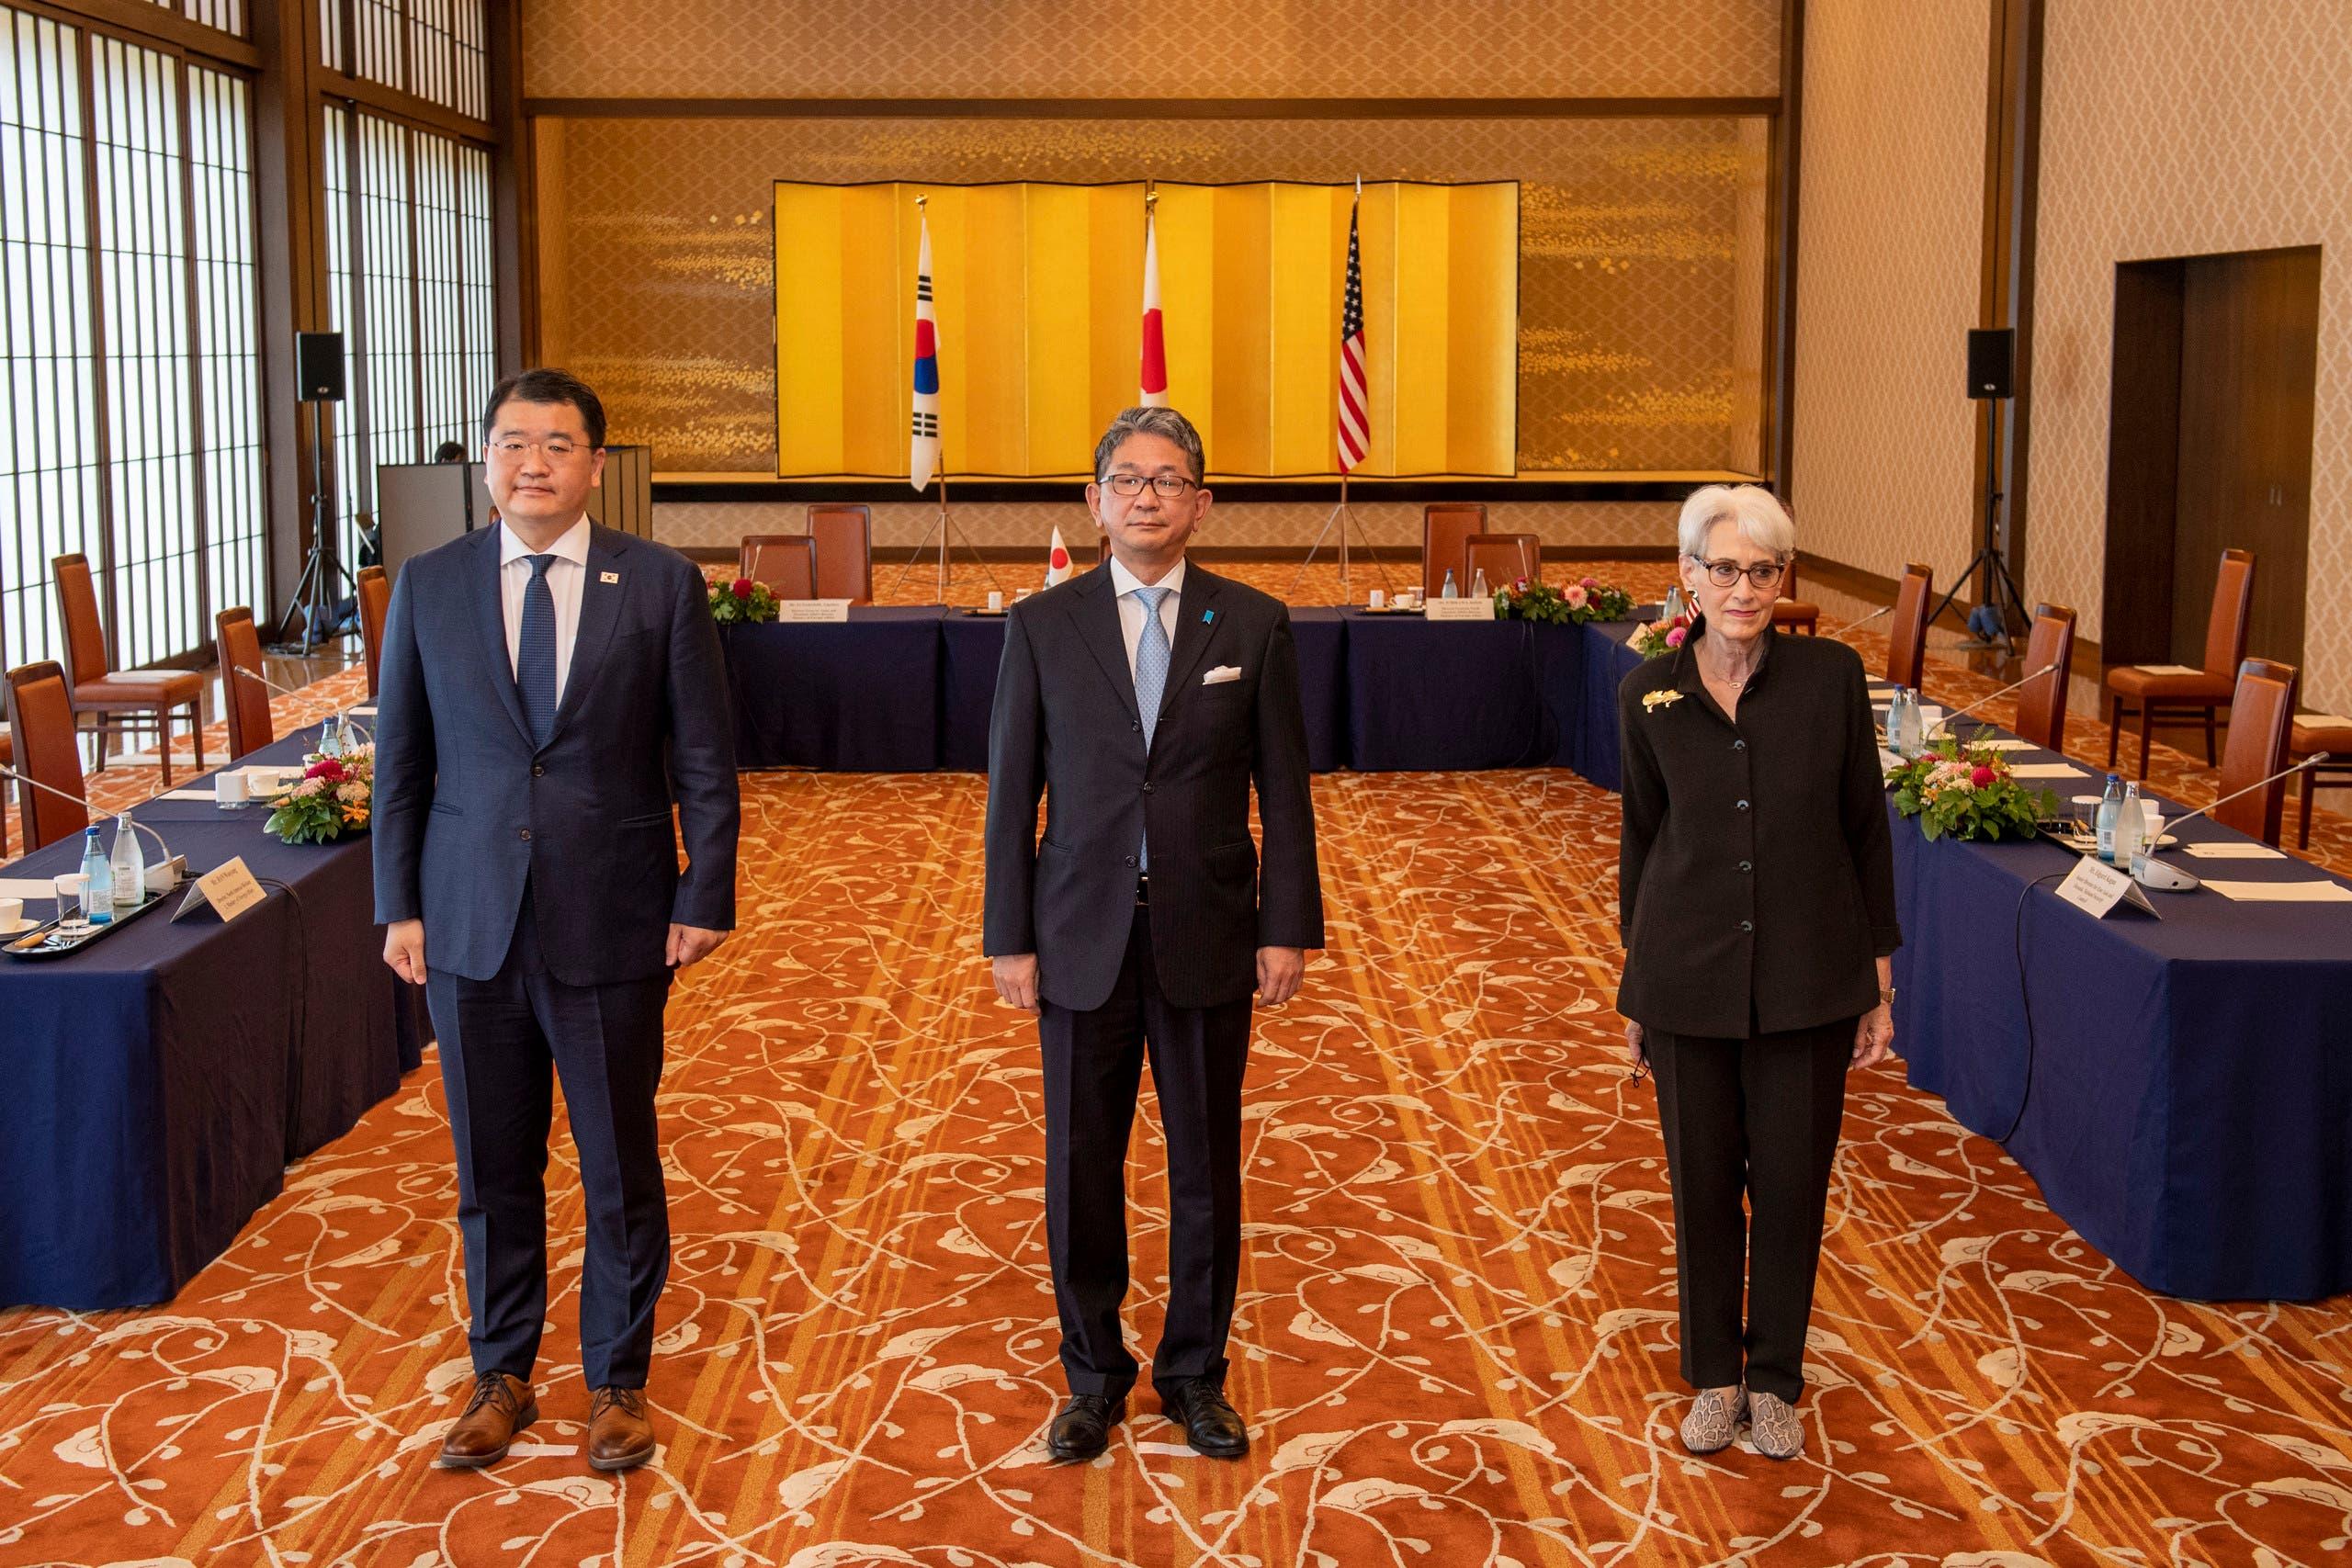 شيرمان التقت اليوم في طوكيو نائي وزيري خارجية اليايبان وكوريا الجنوبية